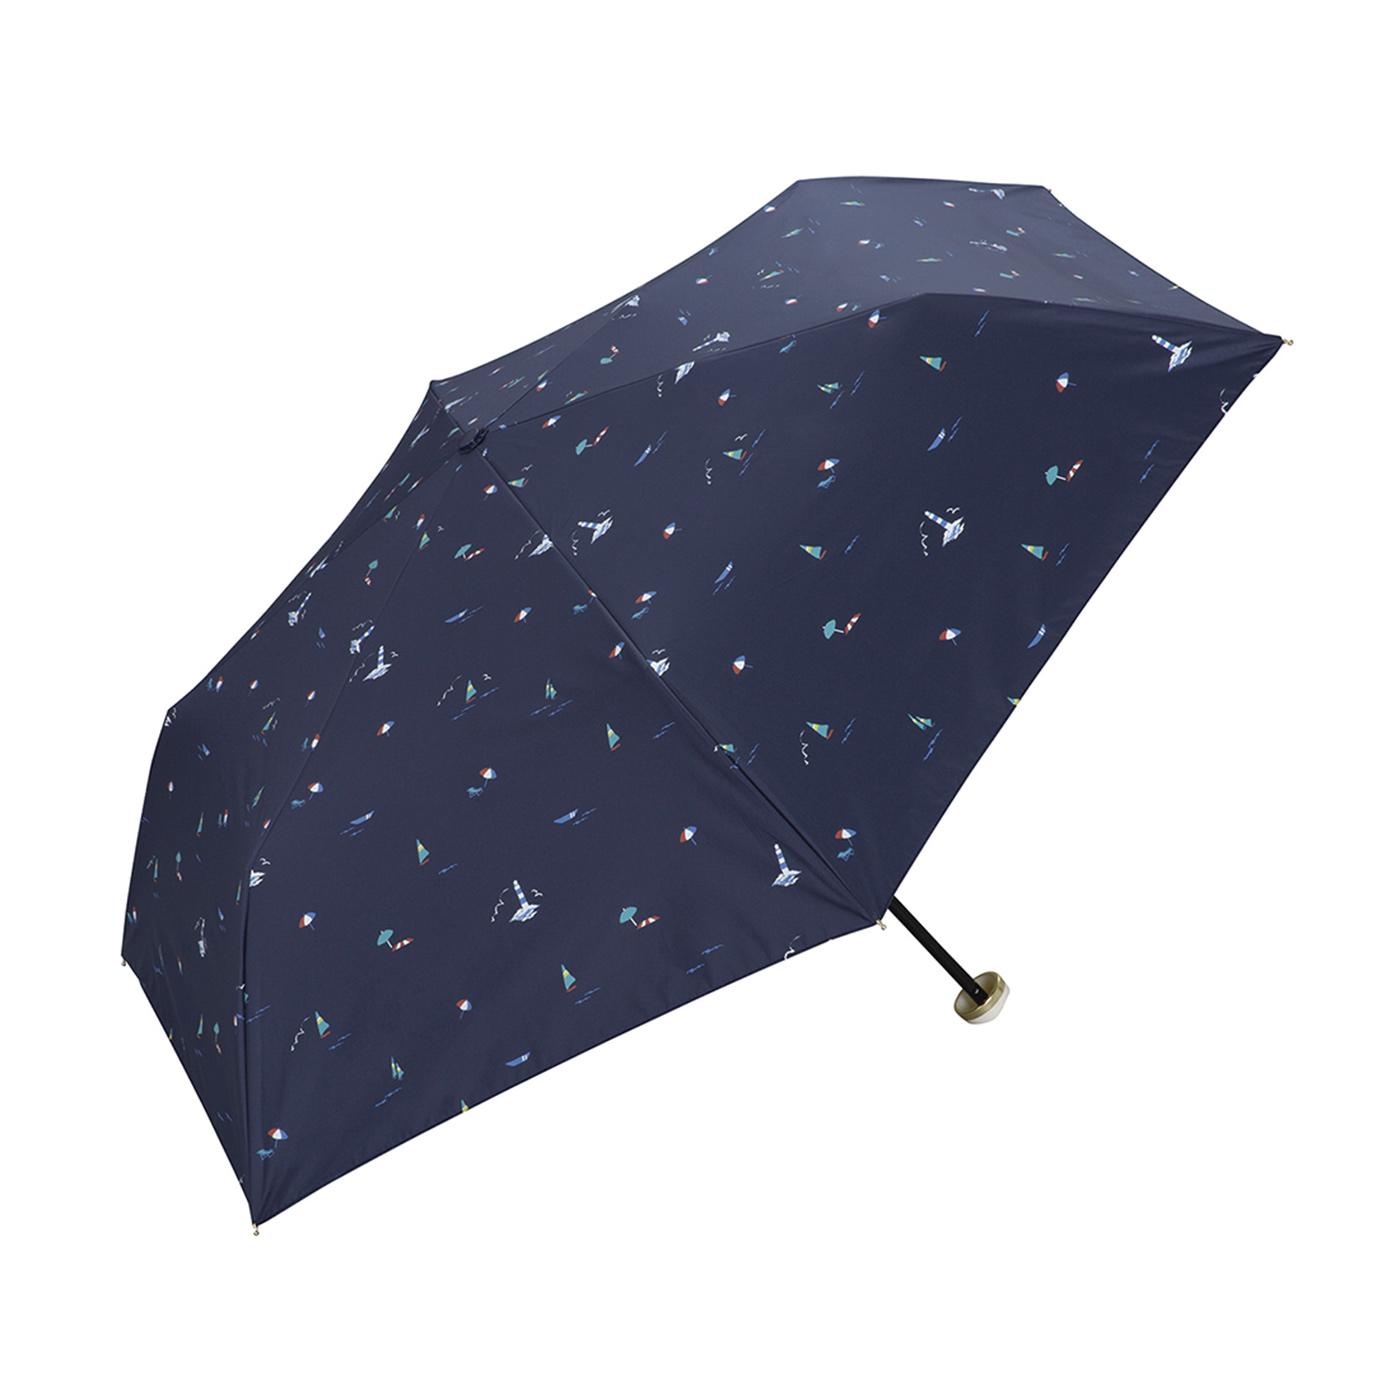 フェリシモ リブ イン コンフォート ポーチ付きがうれしい ビーチ柄の晴雨兼用折りたたみ傘<ネイビー>